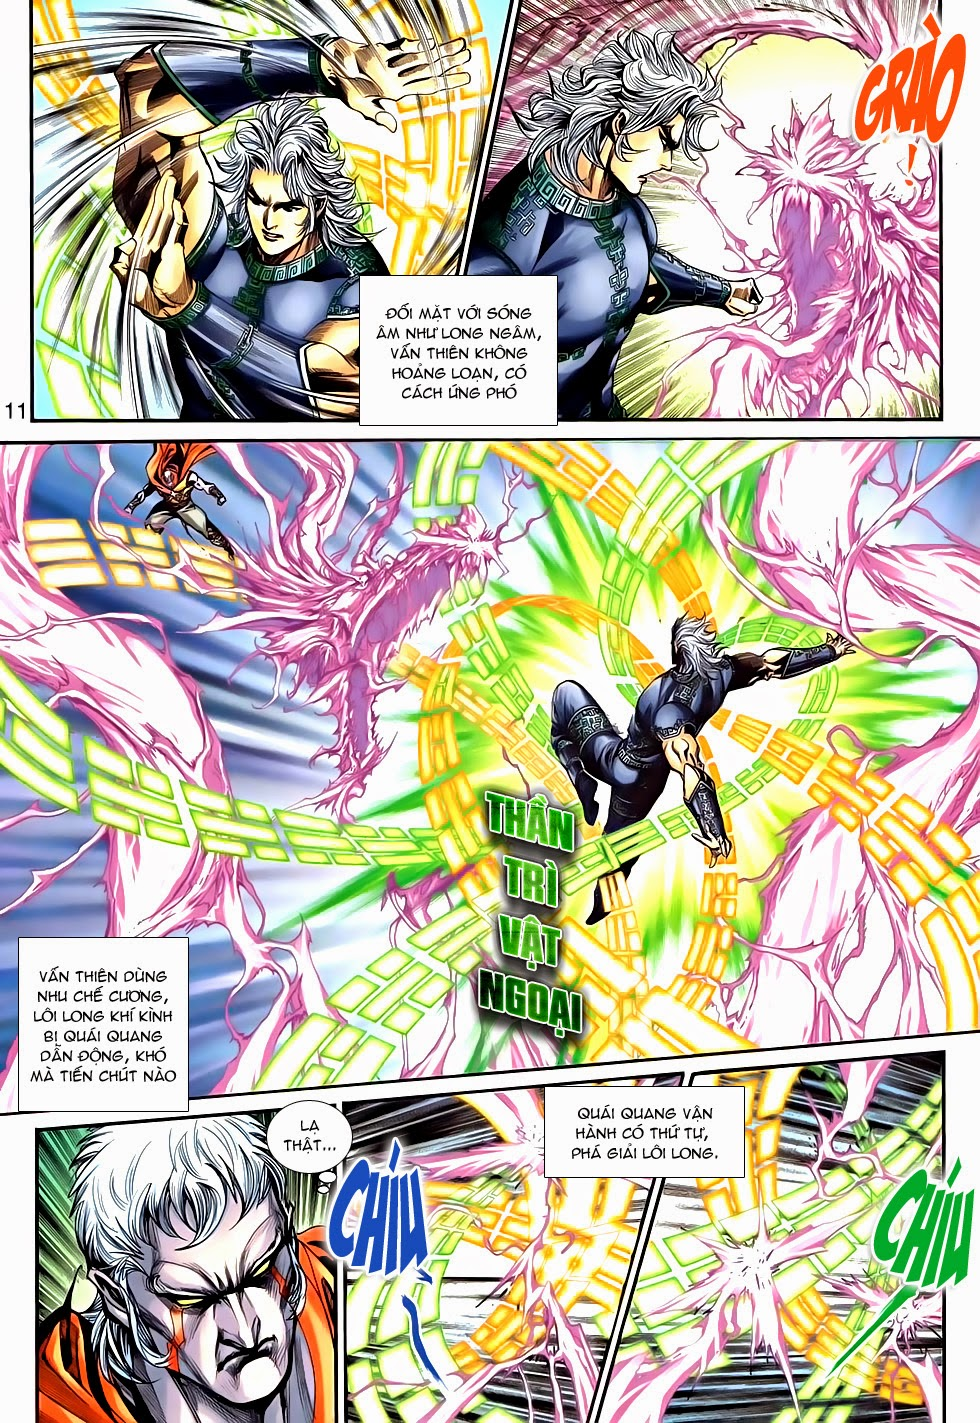 Thần Binh Tiền Truyện 2 chap 21 Trang 11 - Mangak.info